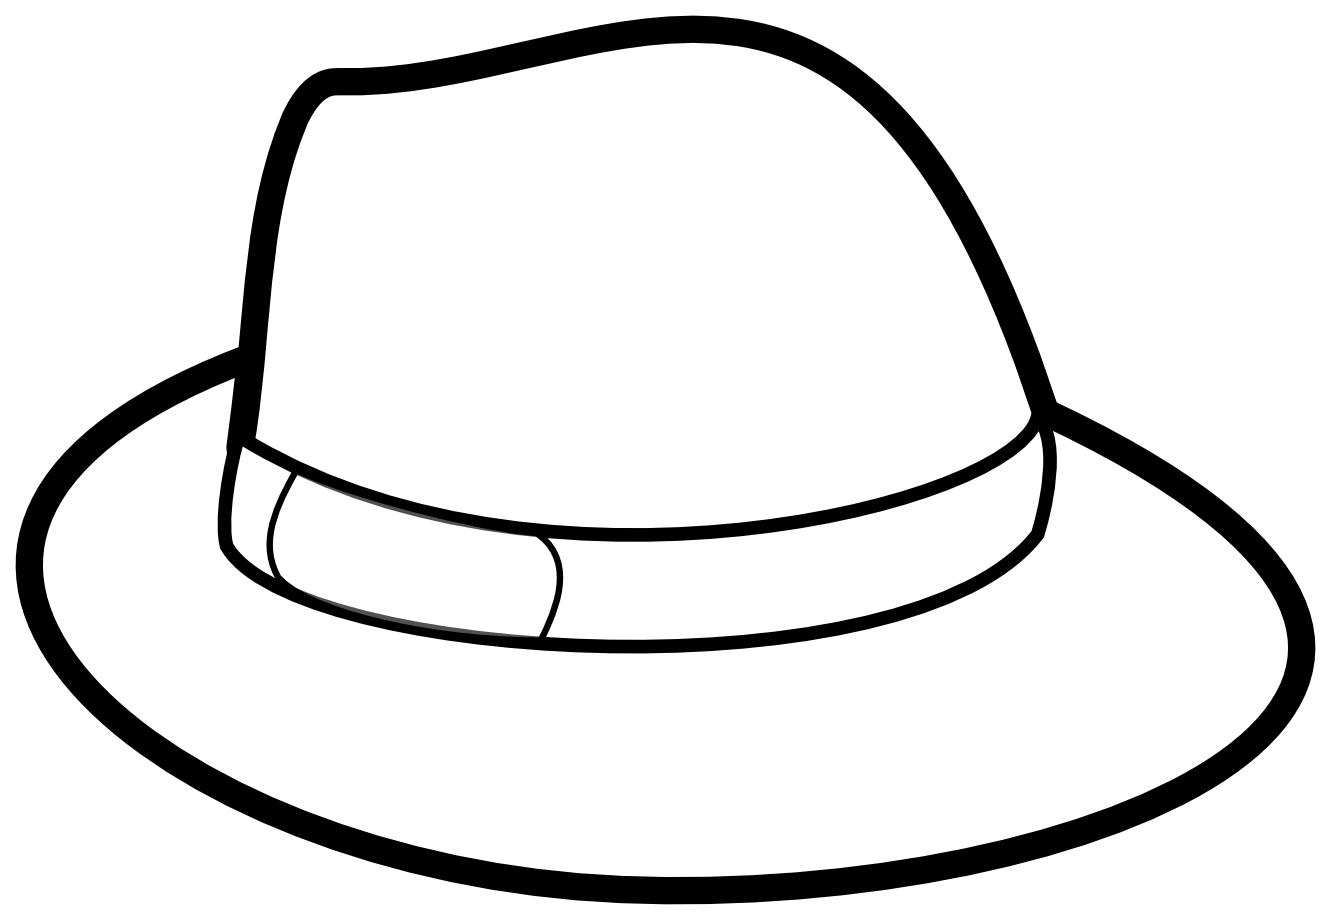 Tranh tô màu mũ đơn giản